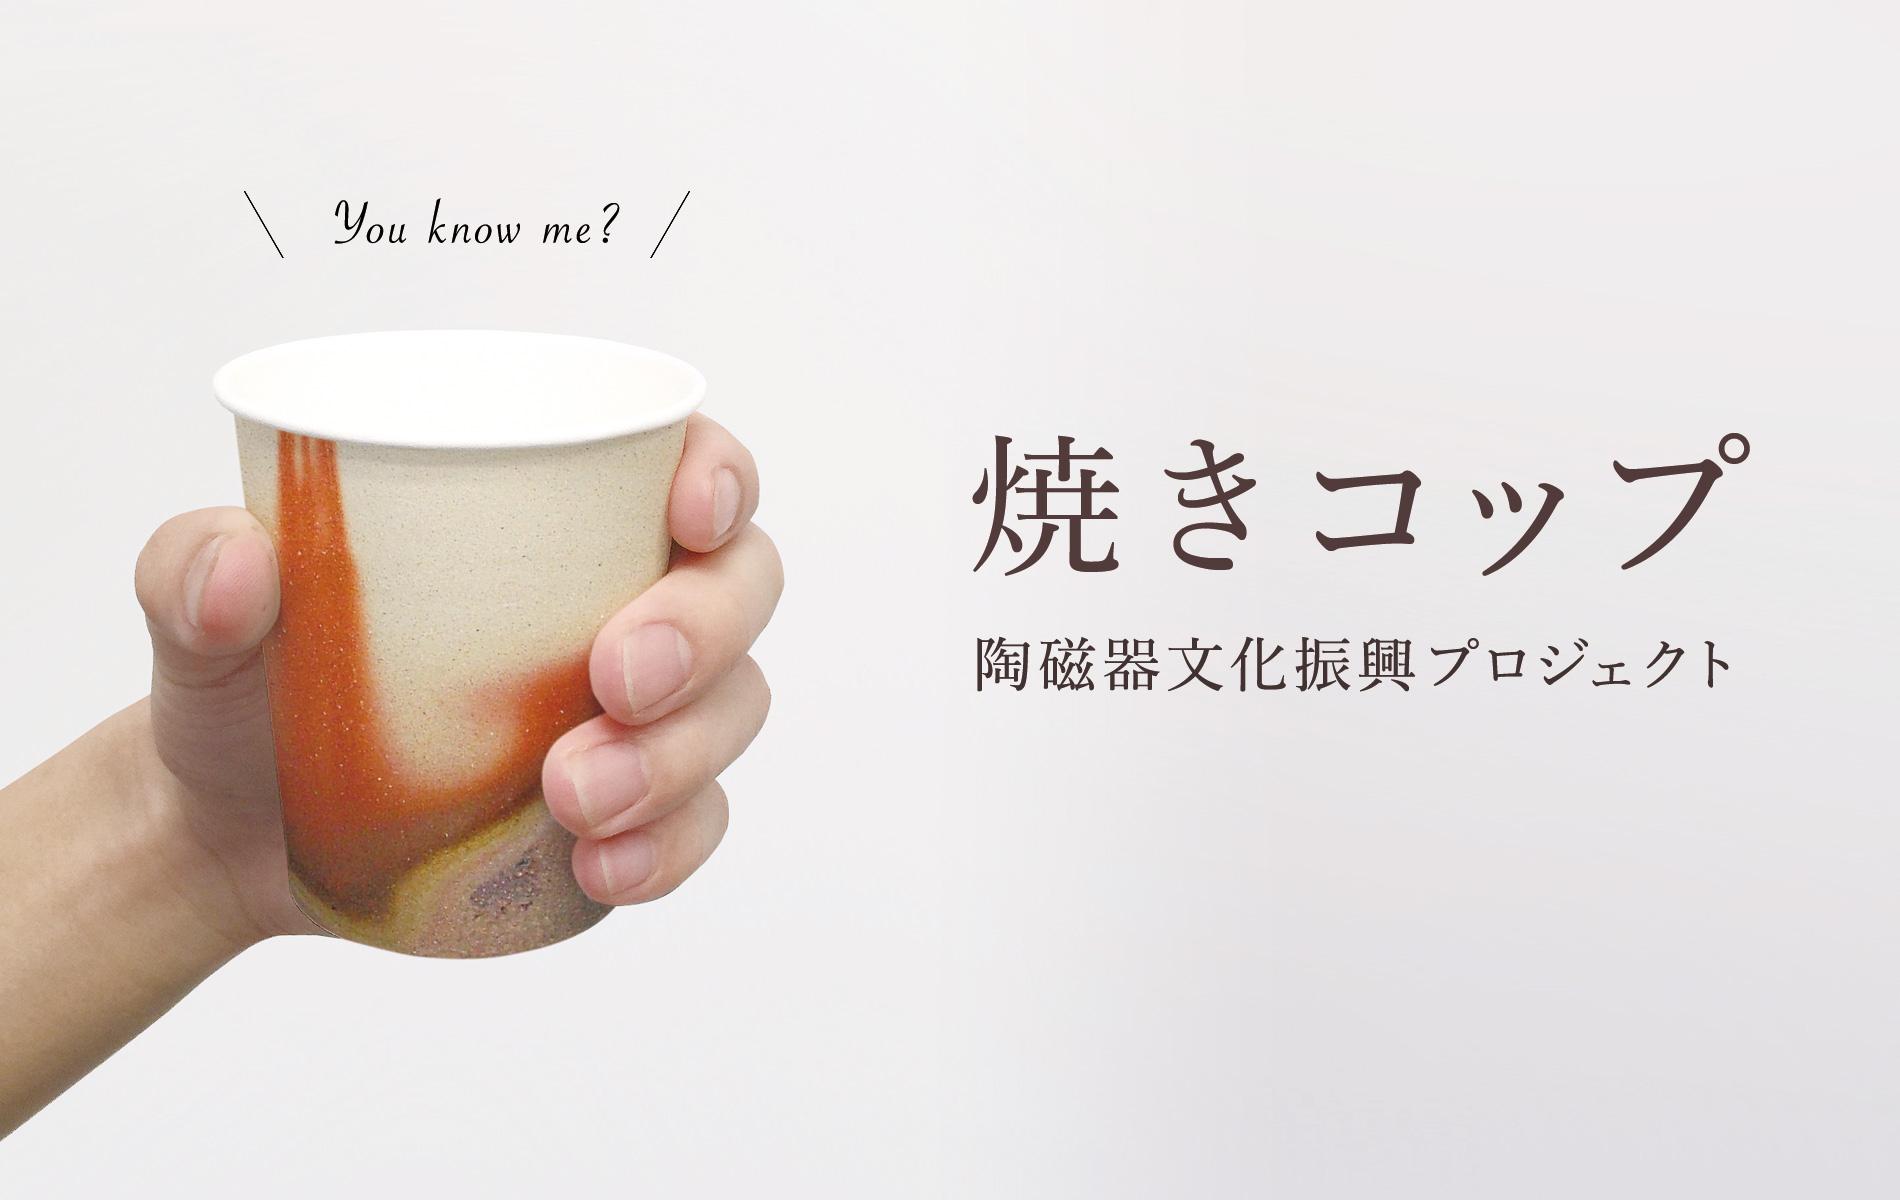 陶磁器文化振興プロジェクト「焼きコップ」